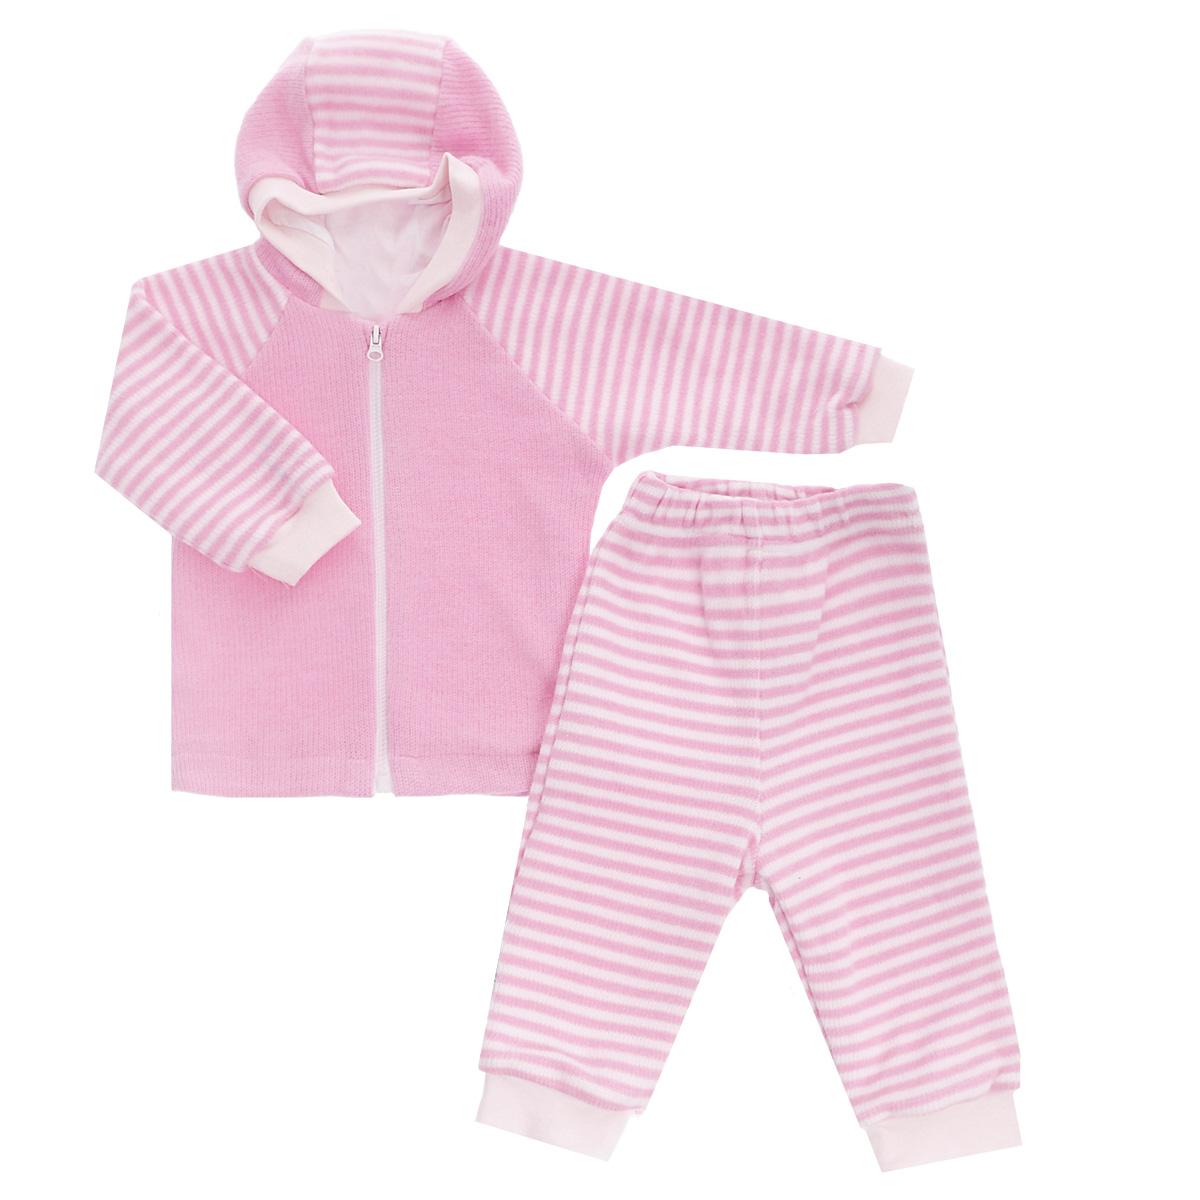 Комплект детский Lucky Child: кофта, брюки, цвет: розовый, белая полоска. 4-15. Размер 74/804-15Детский вязаный комплект Lucky Child, состоящий из кофты и брюк - очень удобный и практичный. Комплект выполнен из натурального хлопка, на подкладке также используется натуральный хлопок, благодаря чему он необычайно мягкий и приятный на ощупь, не раздражают нежную кожу ребенка и хорошо вентилируются, а эластичные швы приятны телу малыша и не препятствуют его движениям. Кофта с капюшоном и длинными рукавами-реглан застегивается на пластиковую застежку-молнию. Рукава понизу дополнены широкими трикотажными манжетами, не перетягивающими запястья. Брюки прямого покроя на талии имеют широкую эластичную резинку, благодаря чему они не сдавливают животик ребенка и не сползают. Понизу штанины также дополнены широкими трикотажными манжетами. Комплект идеален как самостоятельная верхняя одежда прохладным летом или ранней осенью. Комплект полностью соответствует особенностям жизни малыша, не стесняя и не ограничивая его в движениях!